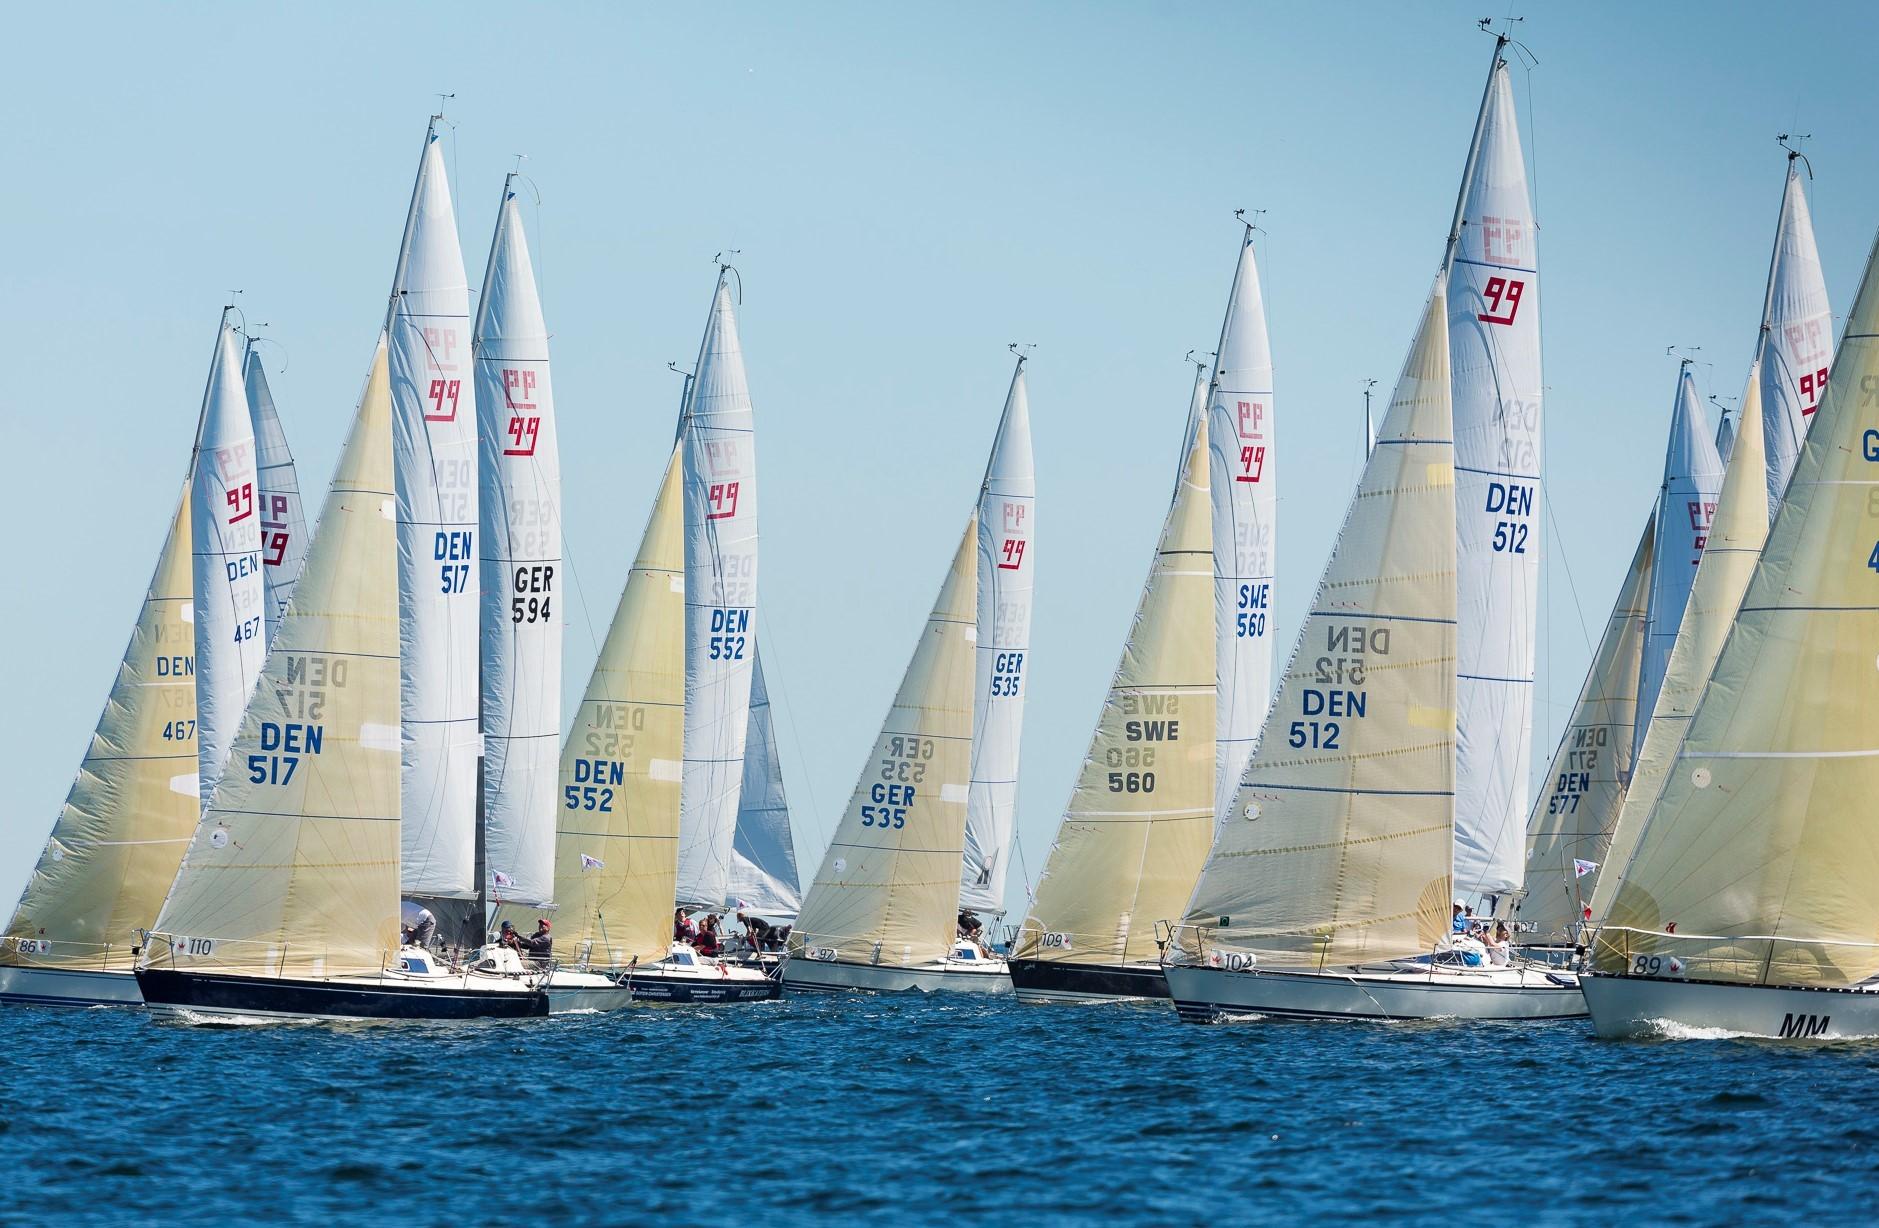 24 X-99ere er klar i Bogense til Palby Fyn Cup. Her et foto fra X-Yachts tidligere Gold Cup. Foto: Mick Anderson/sailingpix